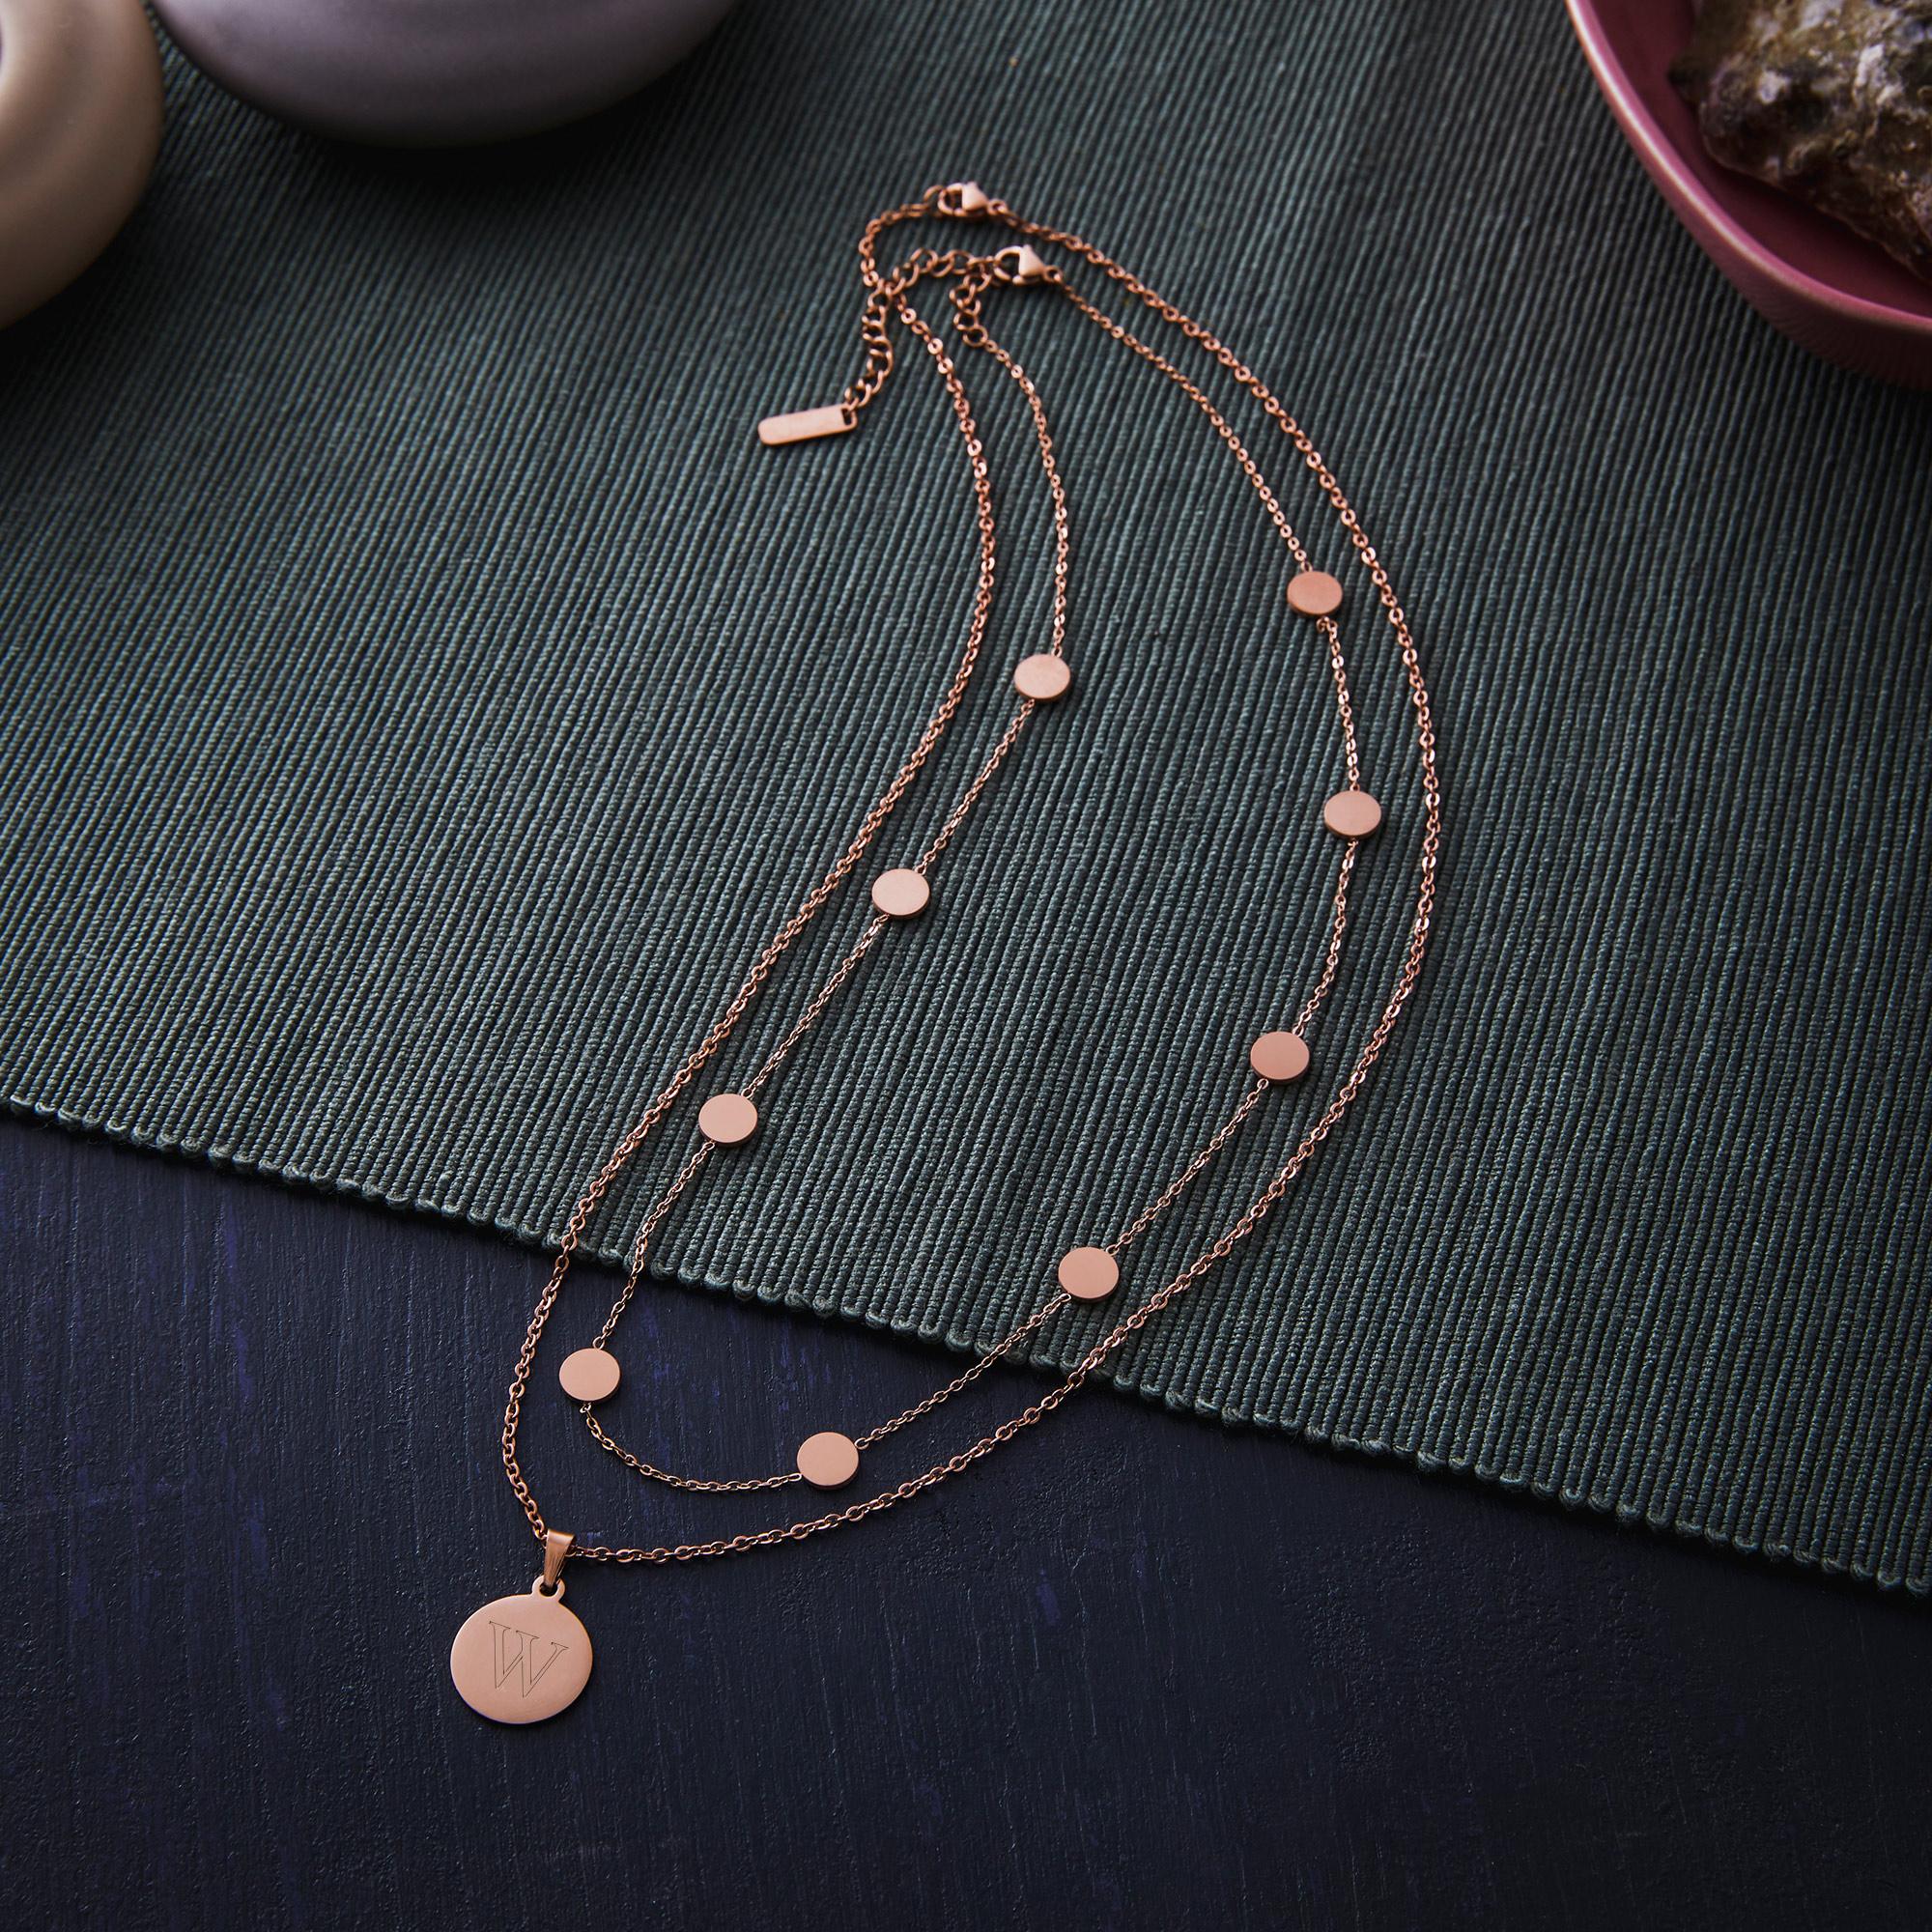 Set - Layering Kette und Halskette mit Anhänger - Initial - Roségold